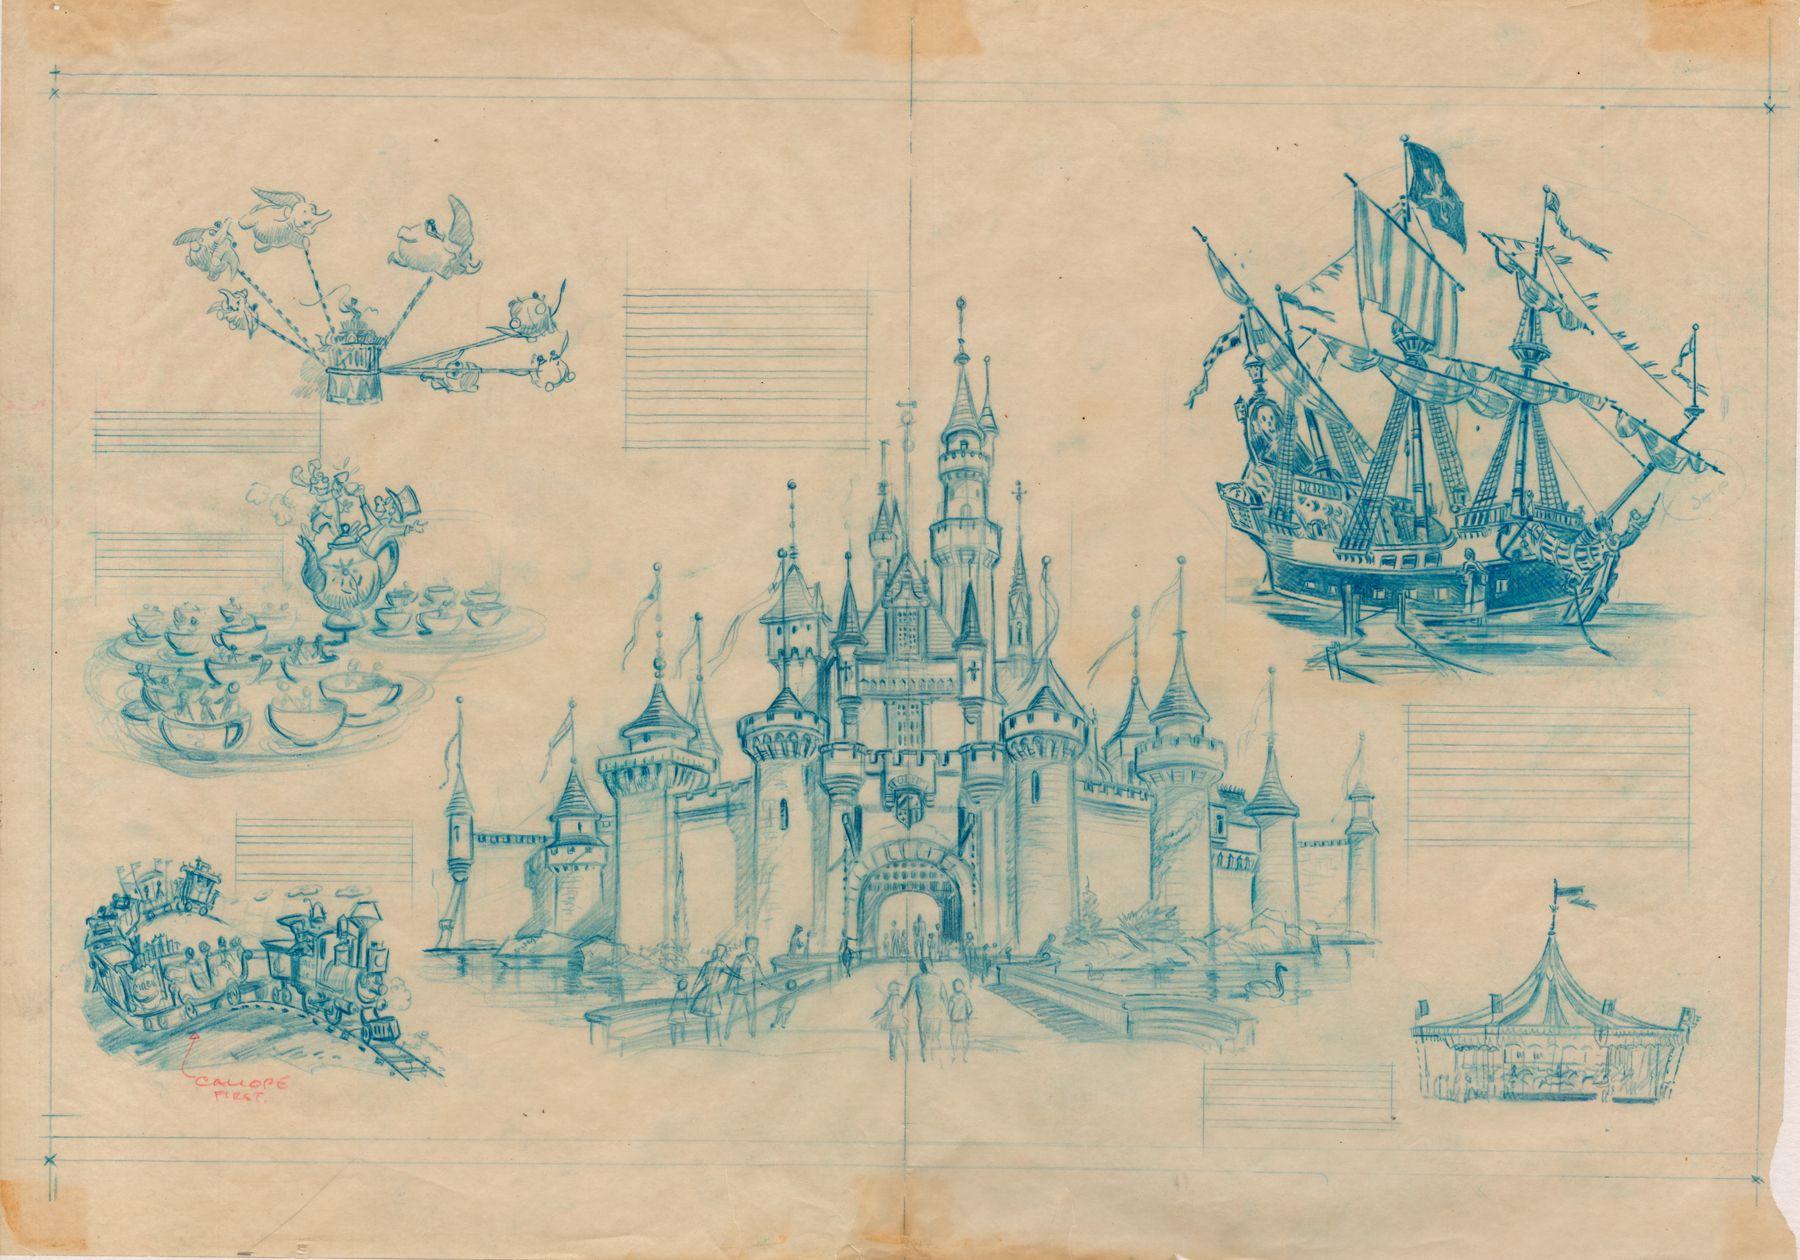 Disney Sketch Rysunki Rysunek Sztuka Disneyowska